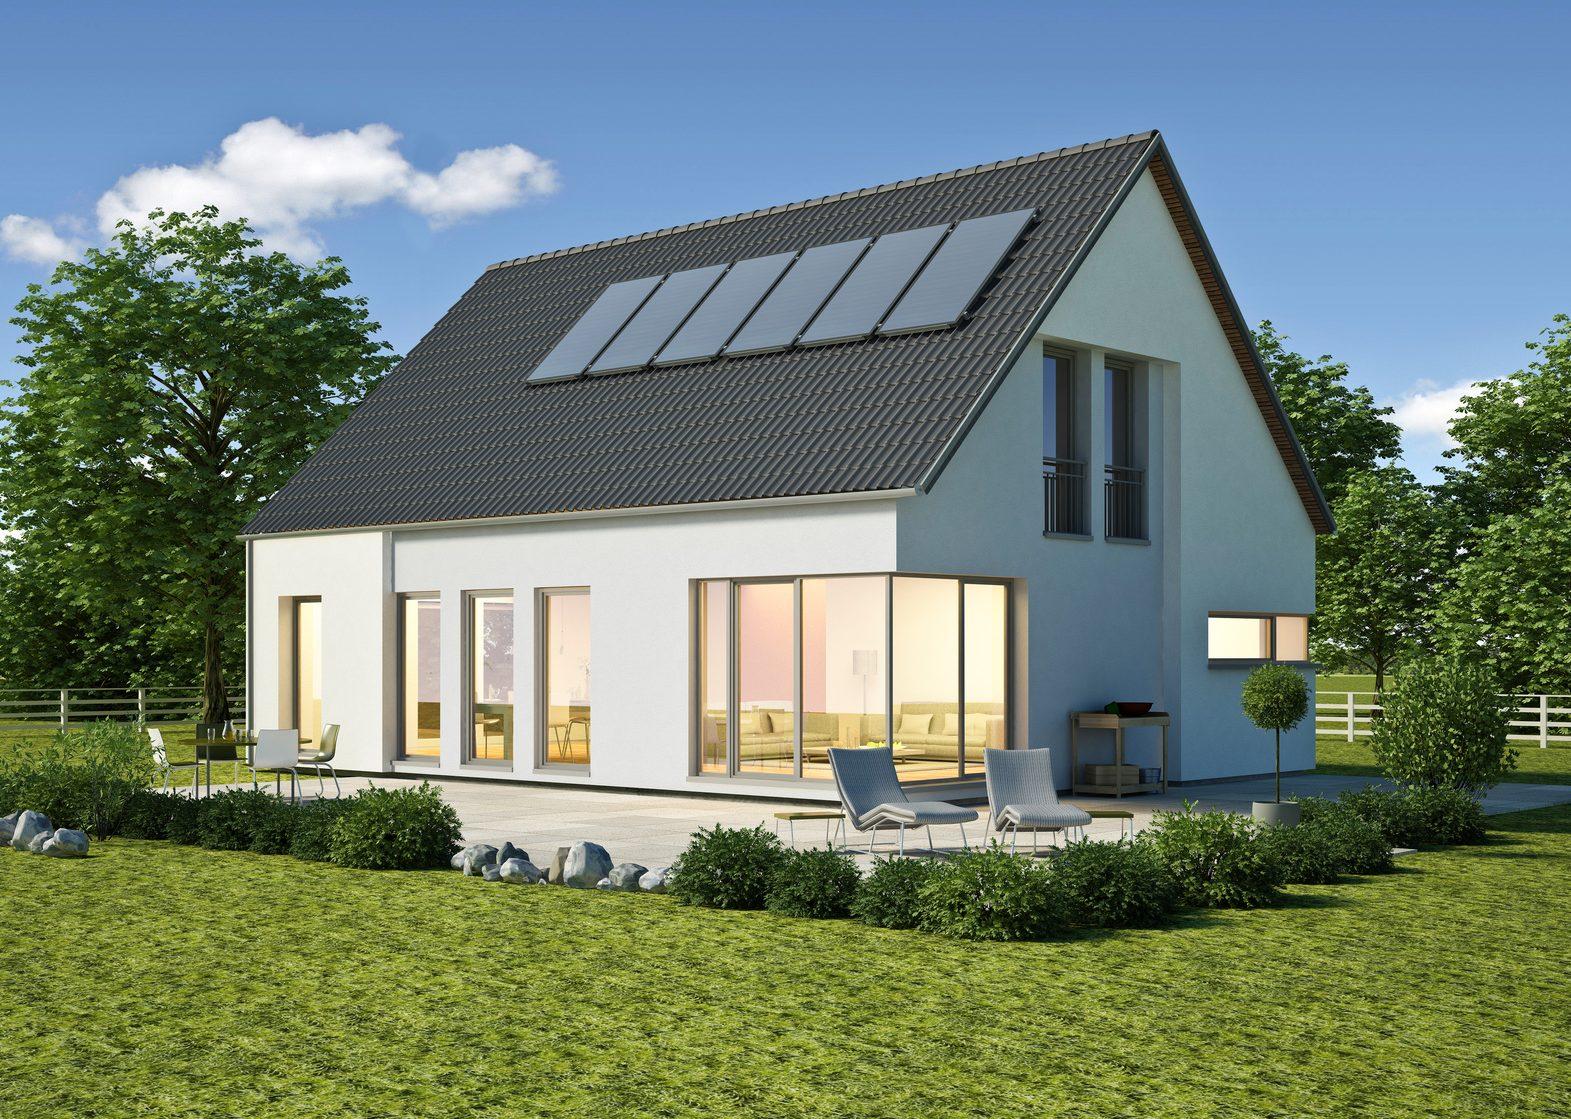 Einfamilienhaus-Neubau-Miltenberg-Aschaffenburg-Energieeffizienz